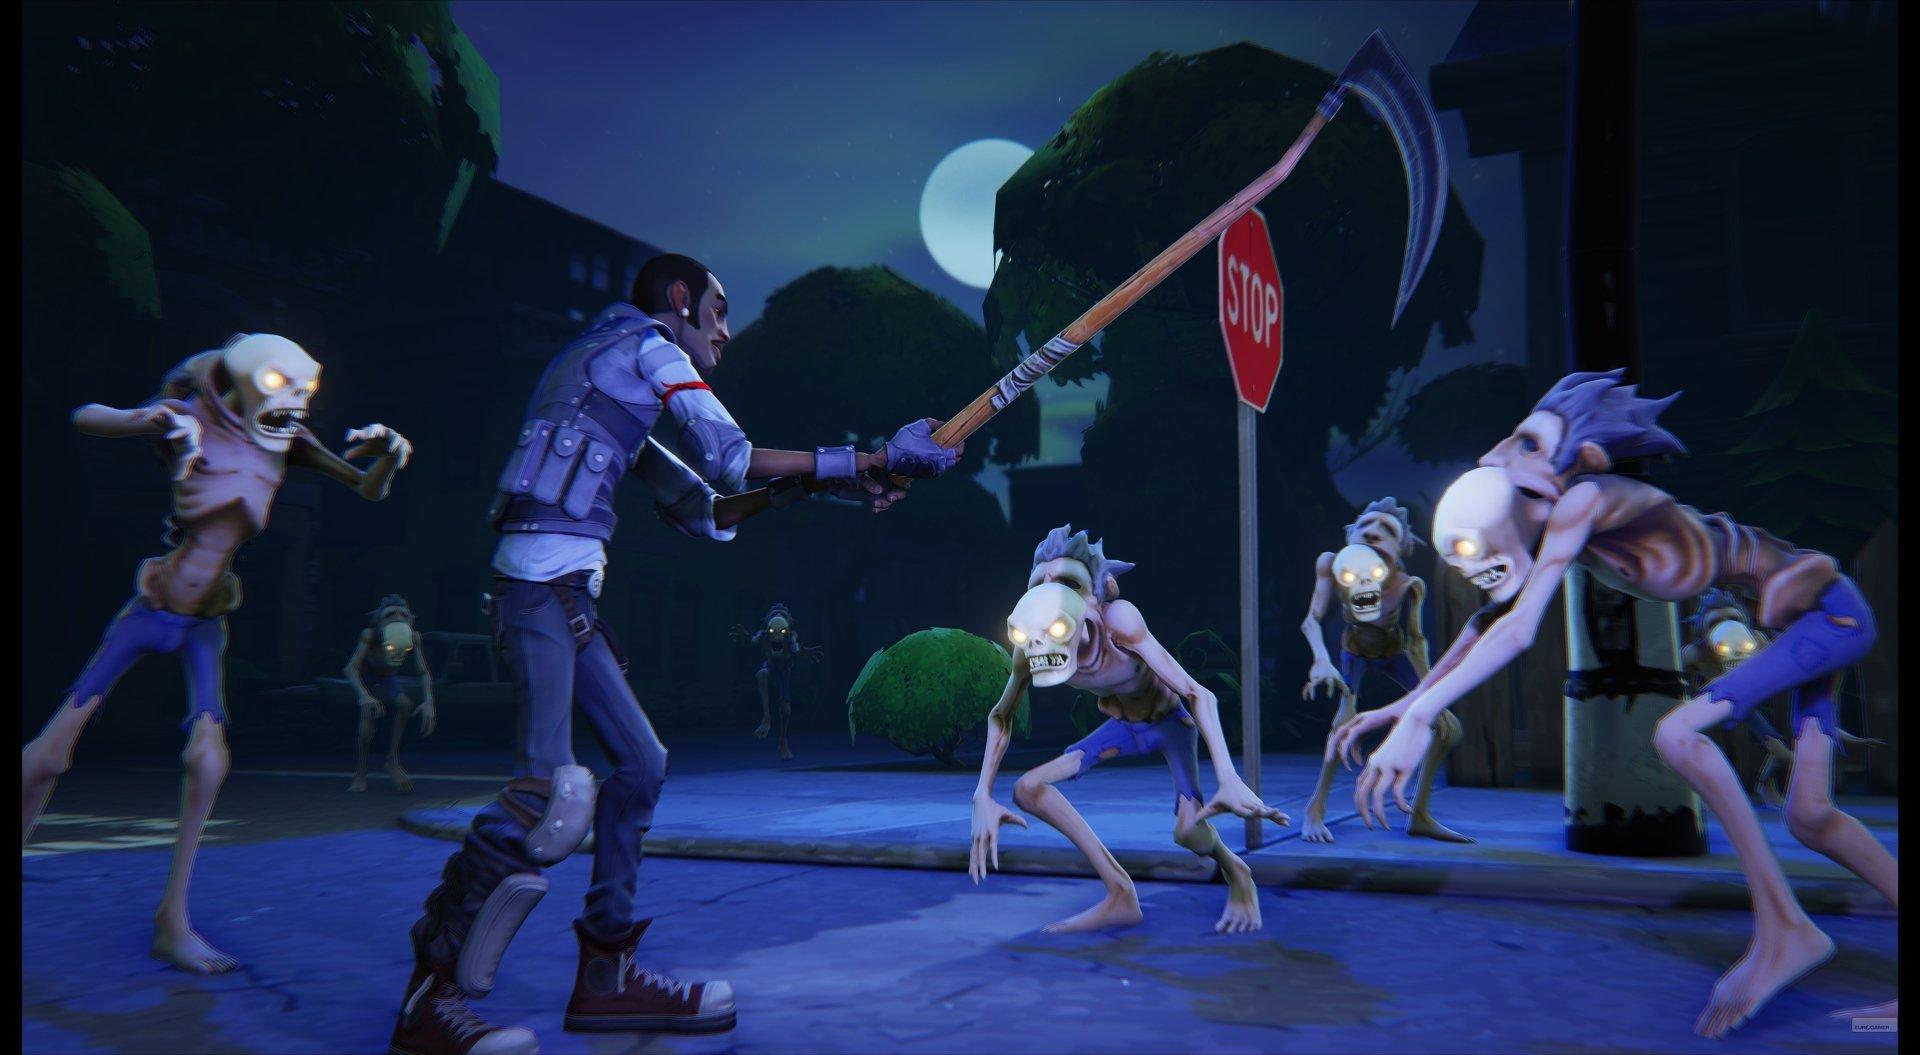 Первой игрой на Unreal Engine 4 станет мультяшный зомби-шутер - Изображение 1